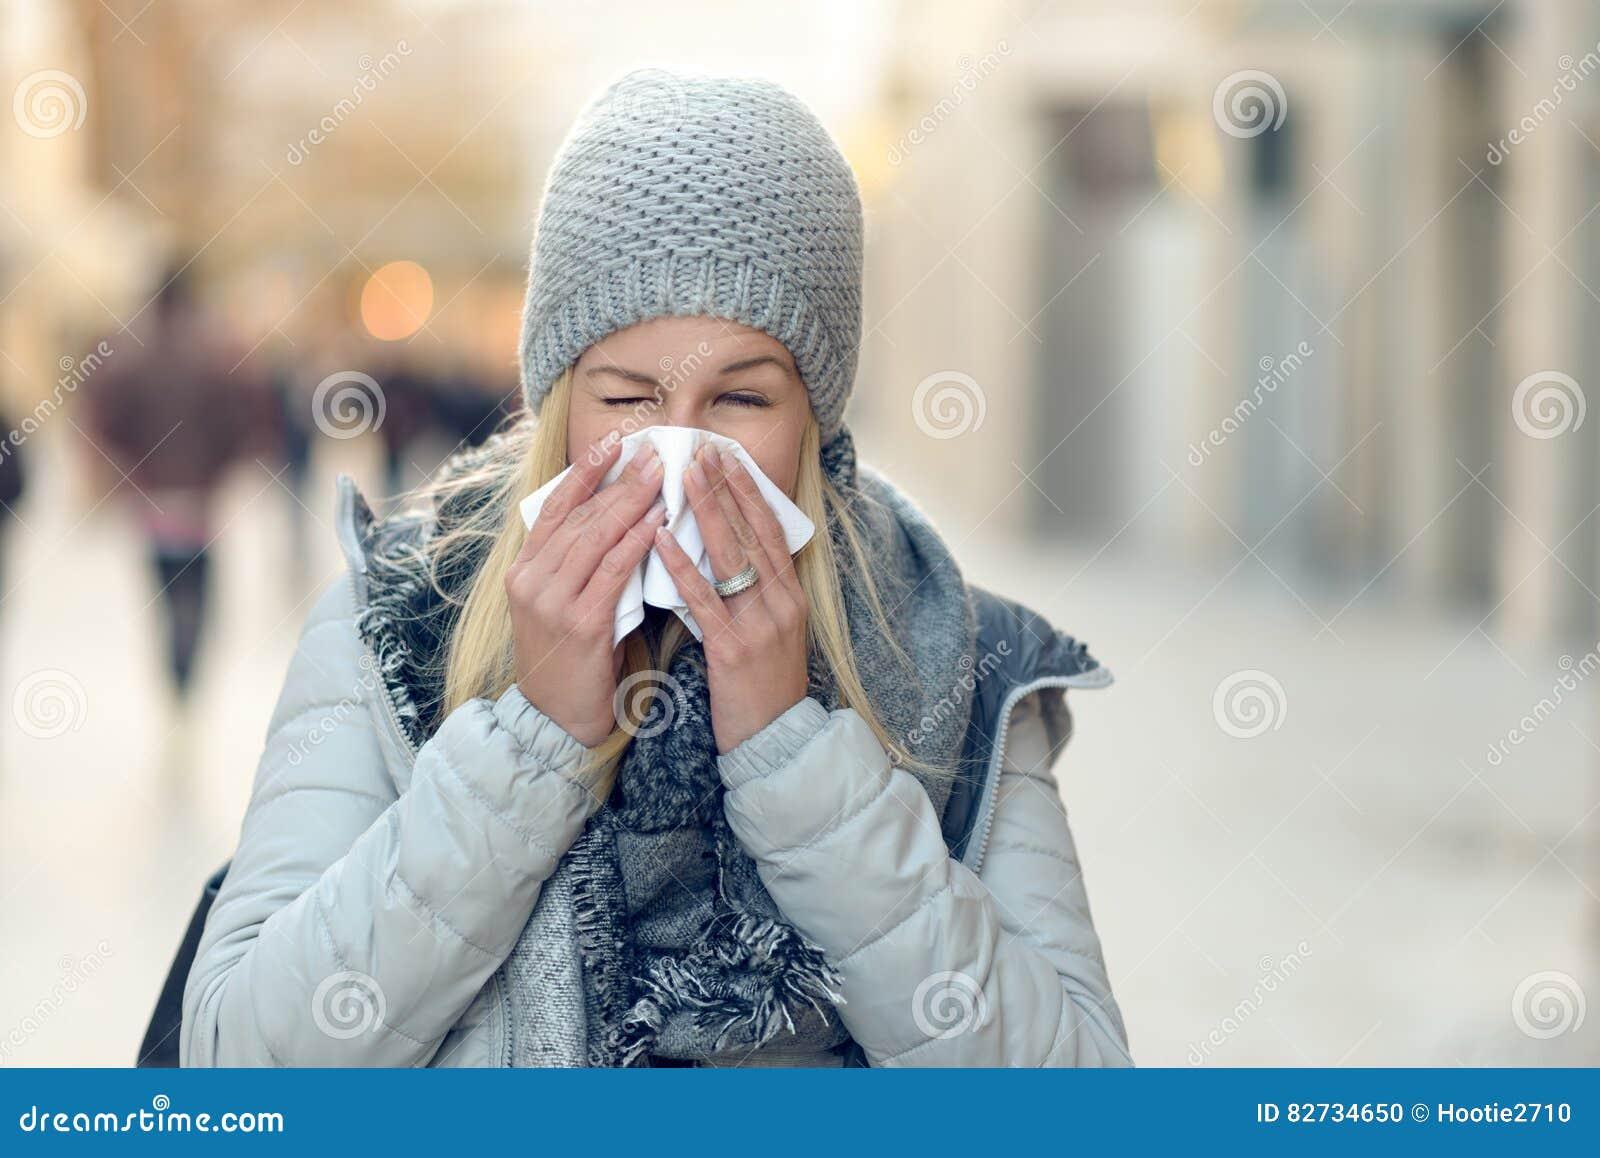 Frau mit einer Saisonwinterkälte, die ihre Nase durchbrennt